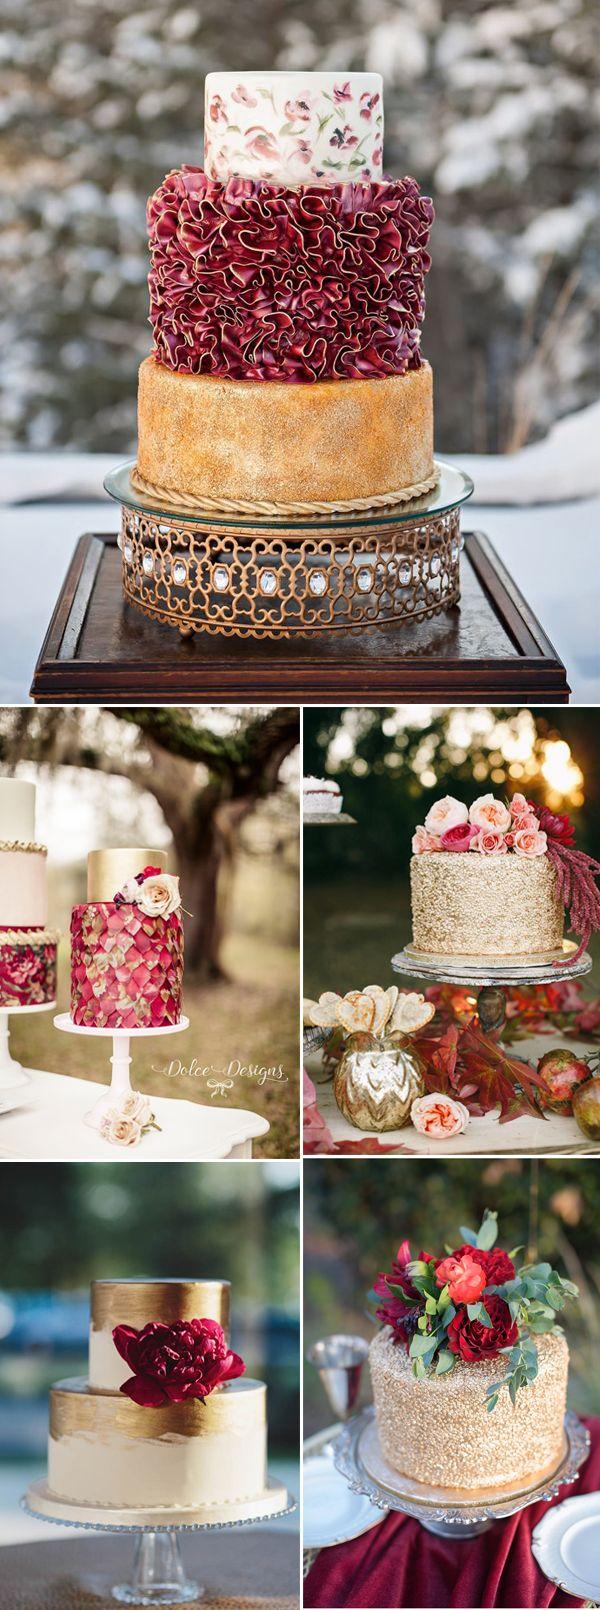 Gold and Marsala Wedding Cakes for fall marsala weddings